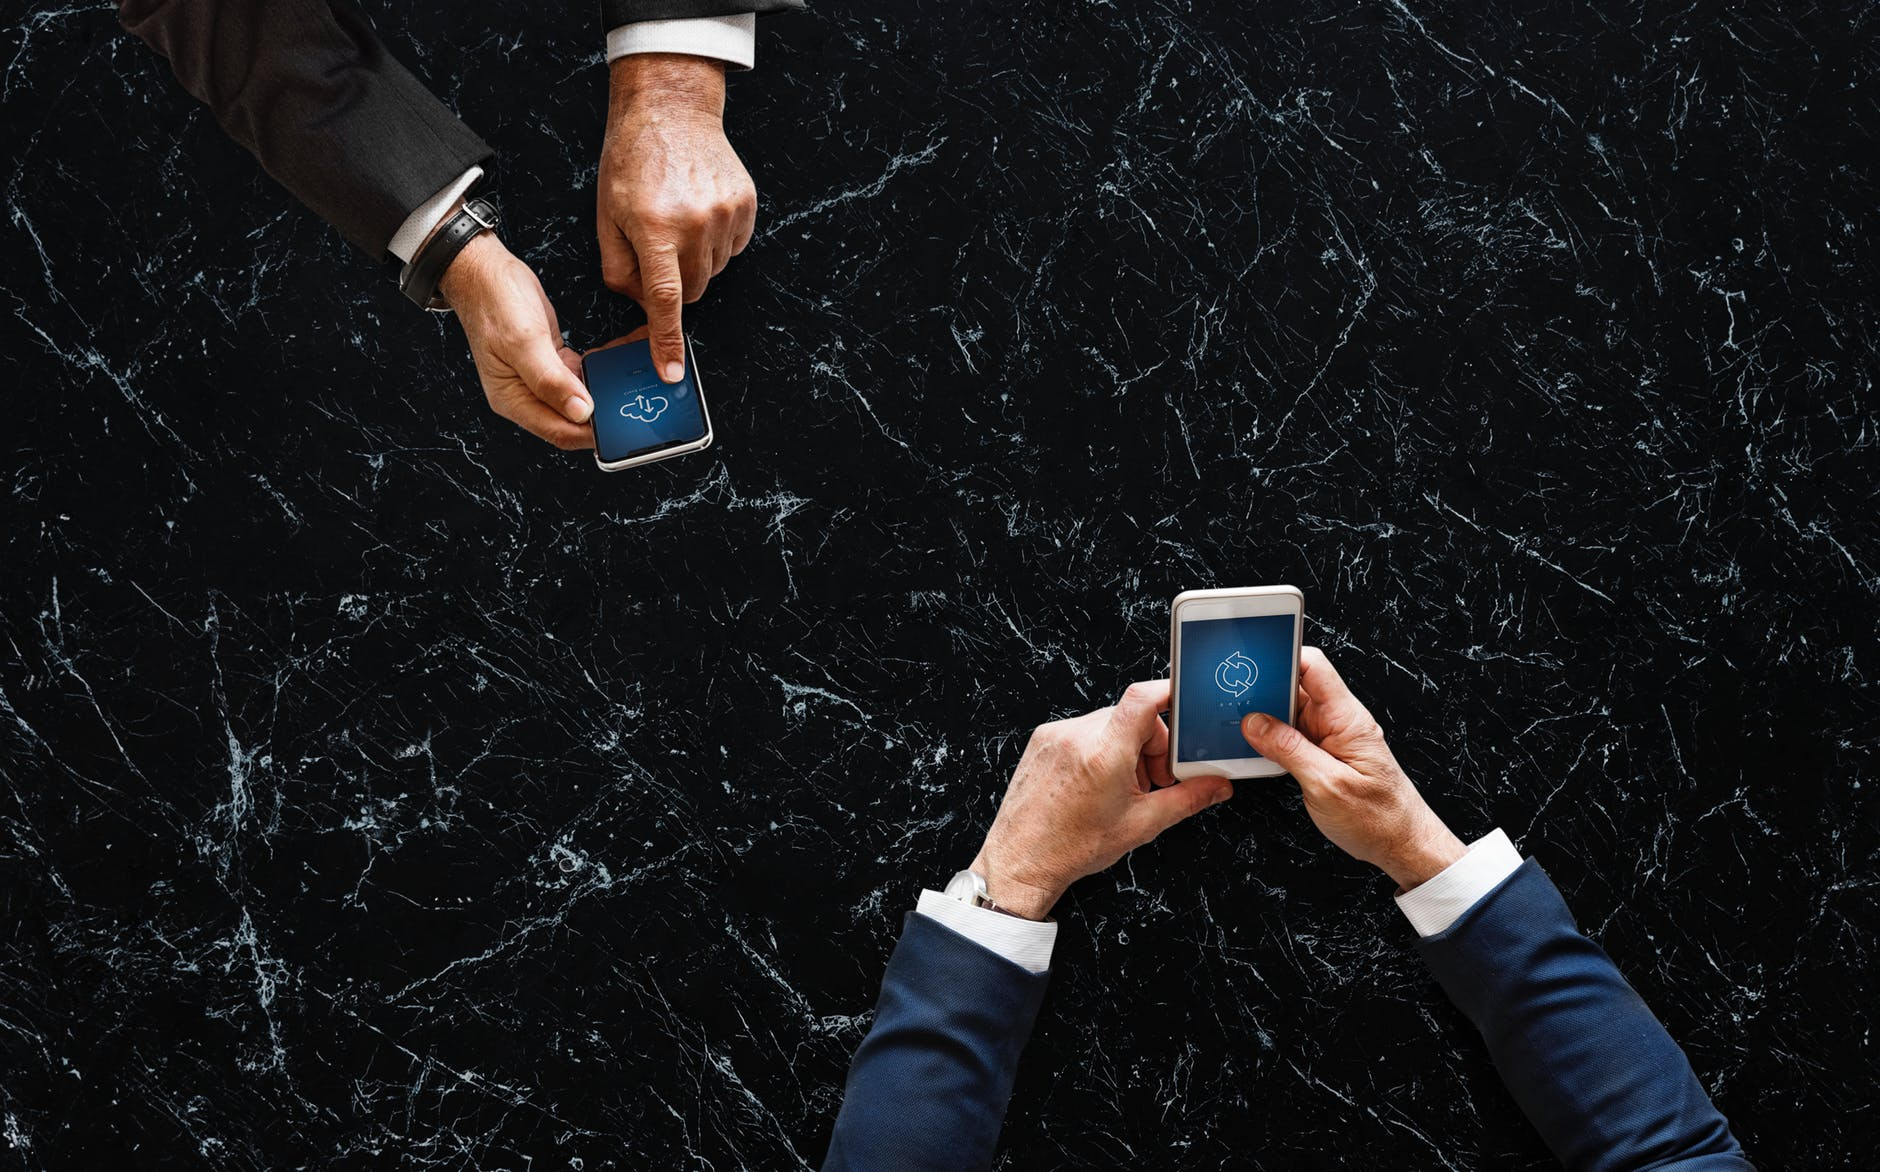 טיפים שימושיים למי שרוצה לבנות עסק מצליח בתחום הדיגיטל